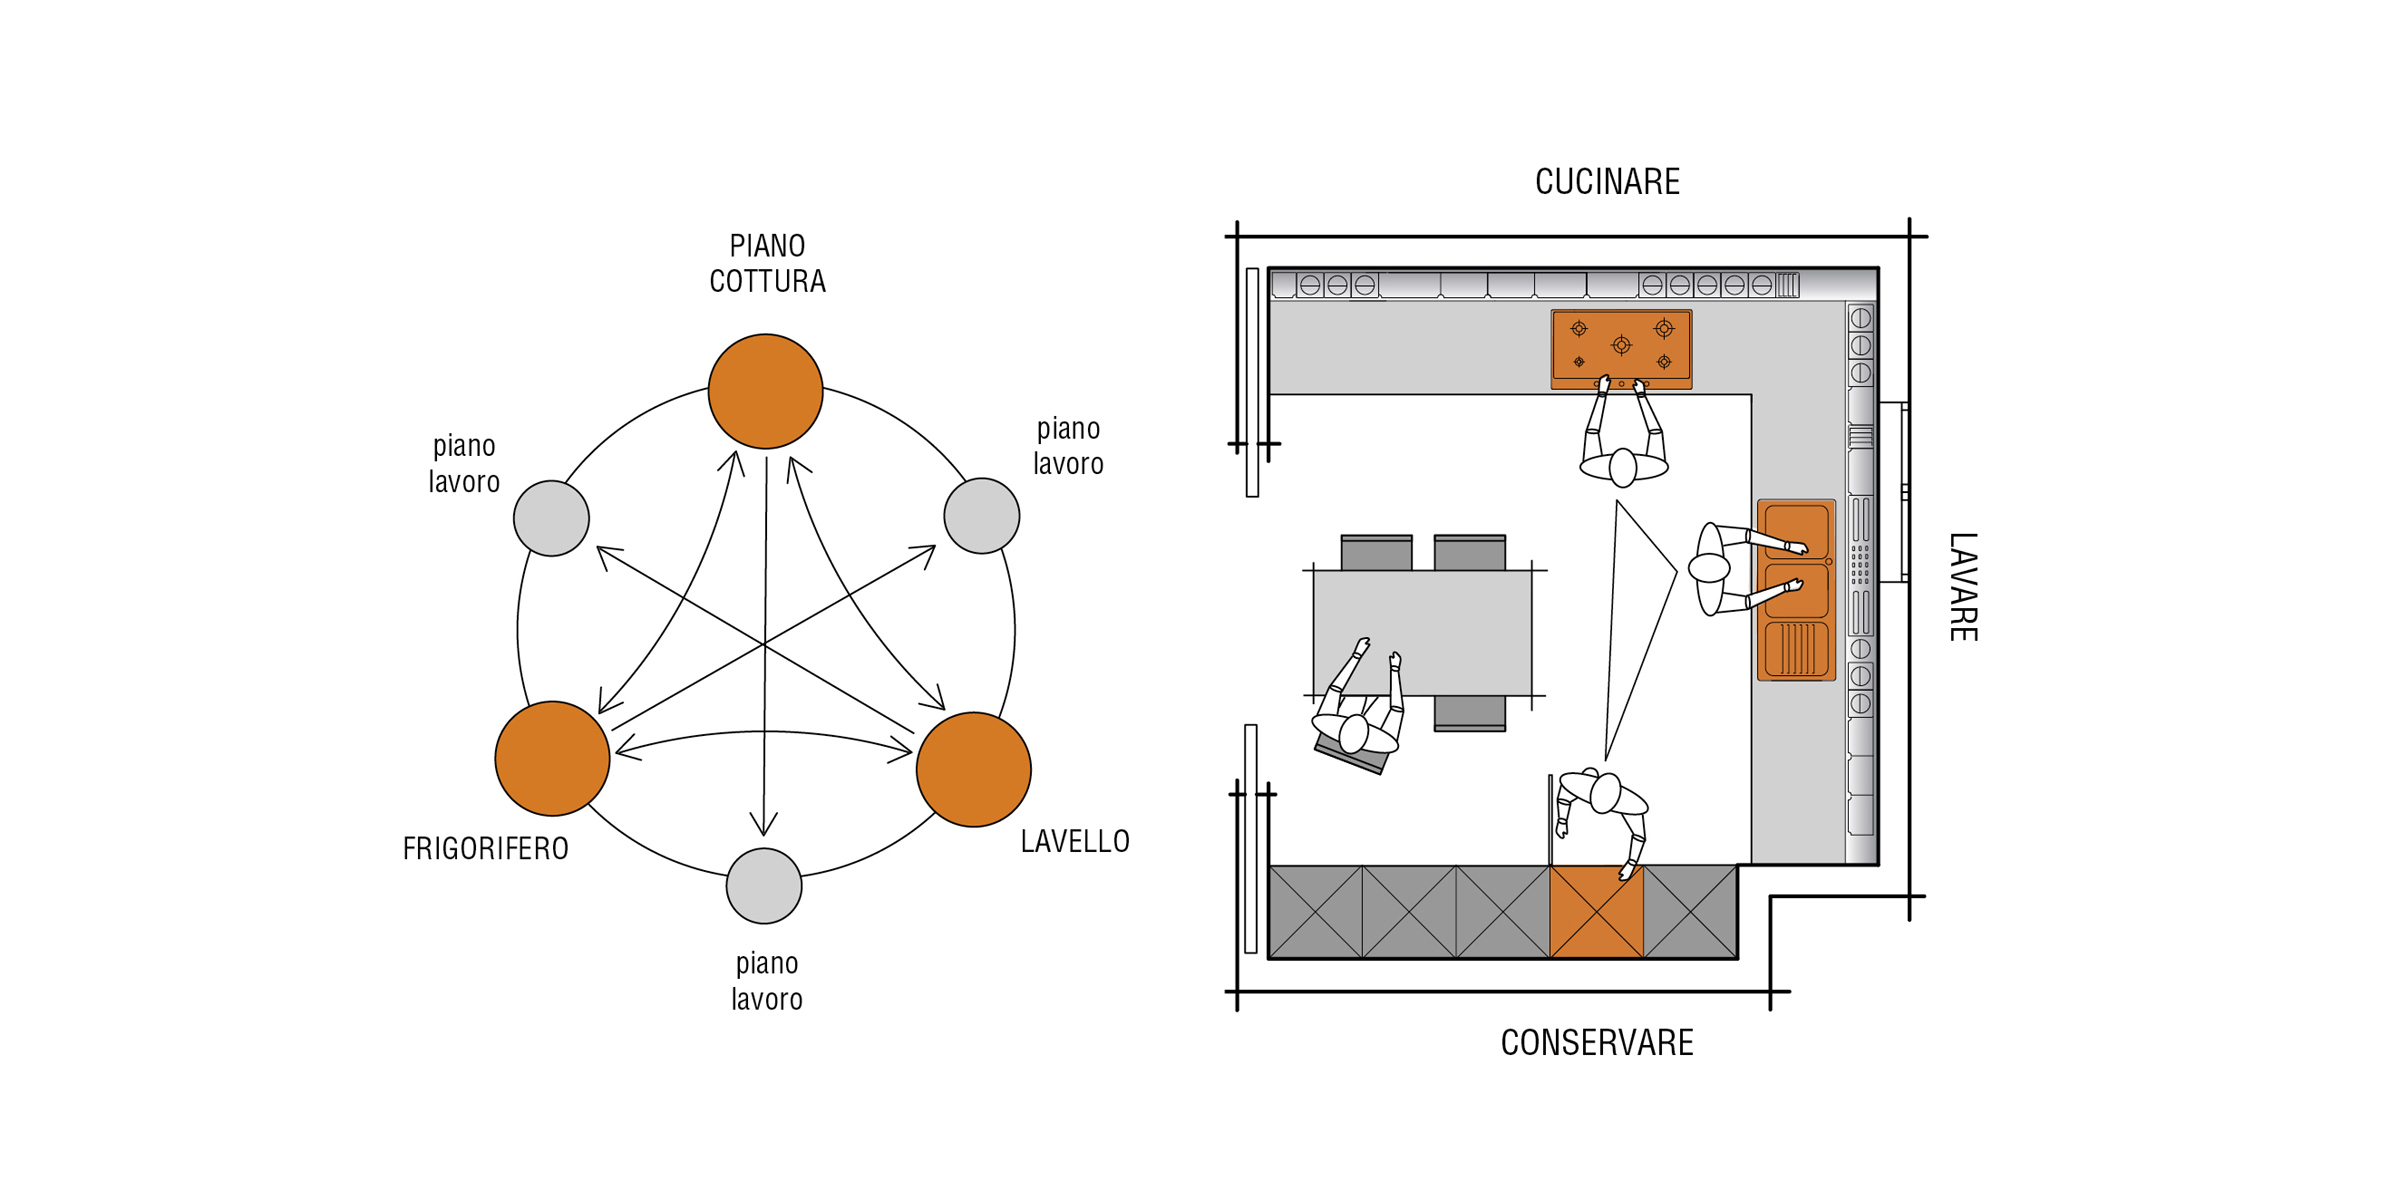 Guida alla progettazione della tua cucina blog design - Cucine sospese da terra ...